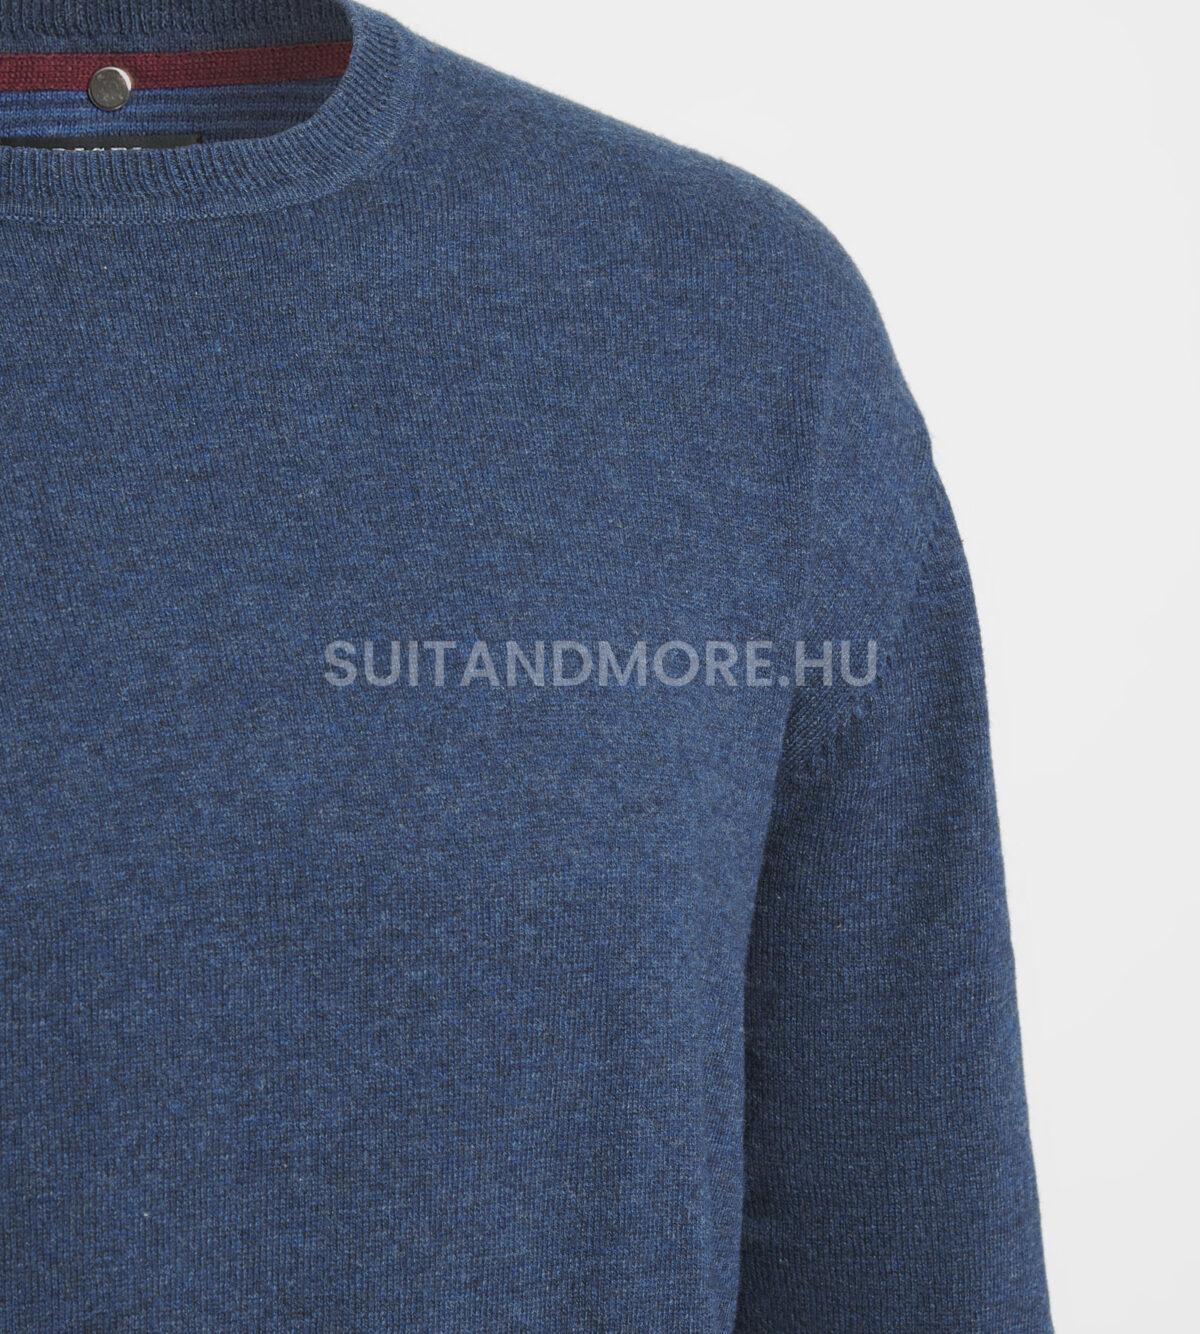 digel-sotetkek-modern-fit-kerek-nyaku-gyapju-pulover-faros1-1-1268001-20-02